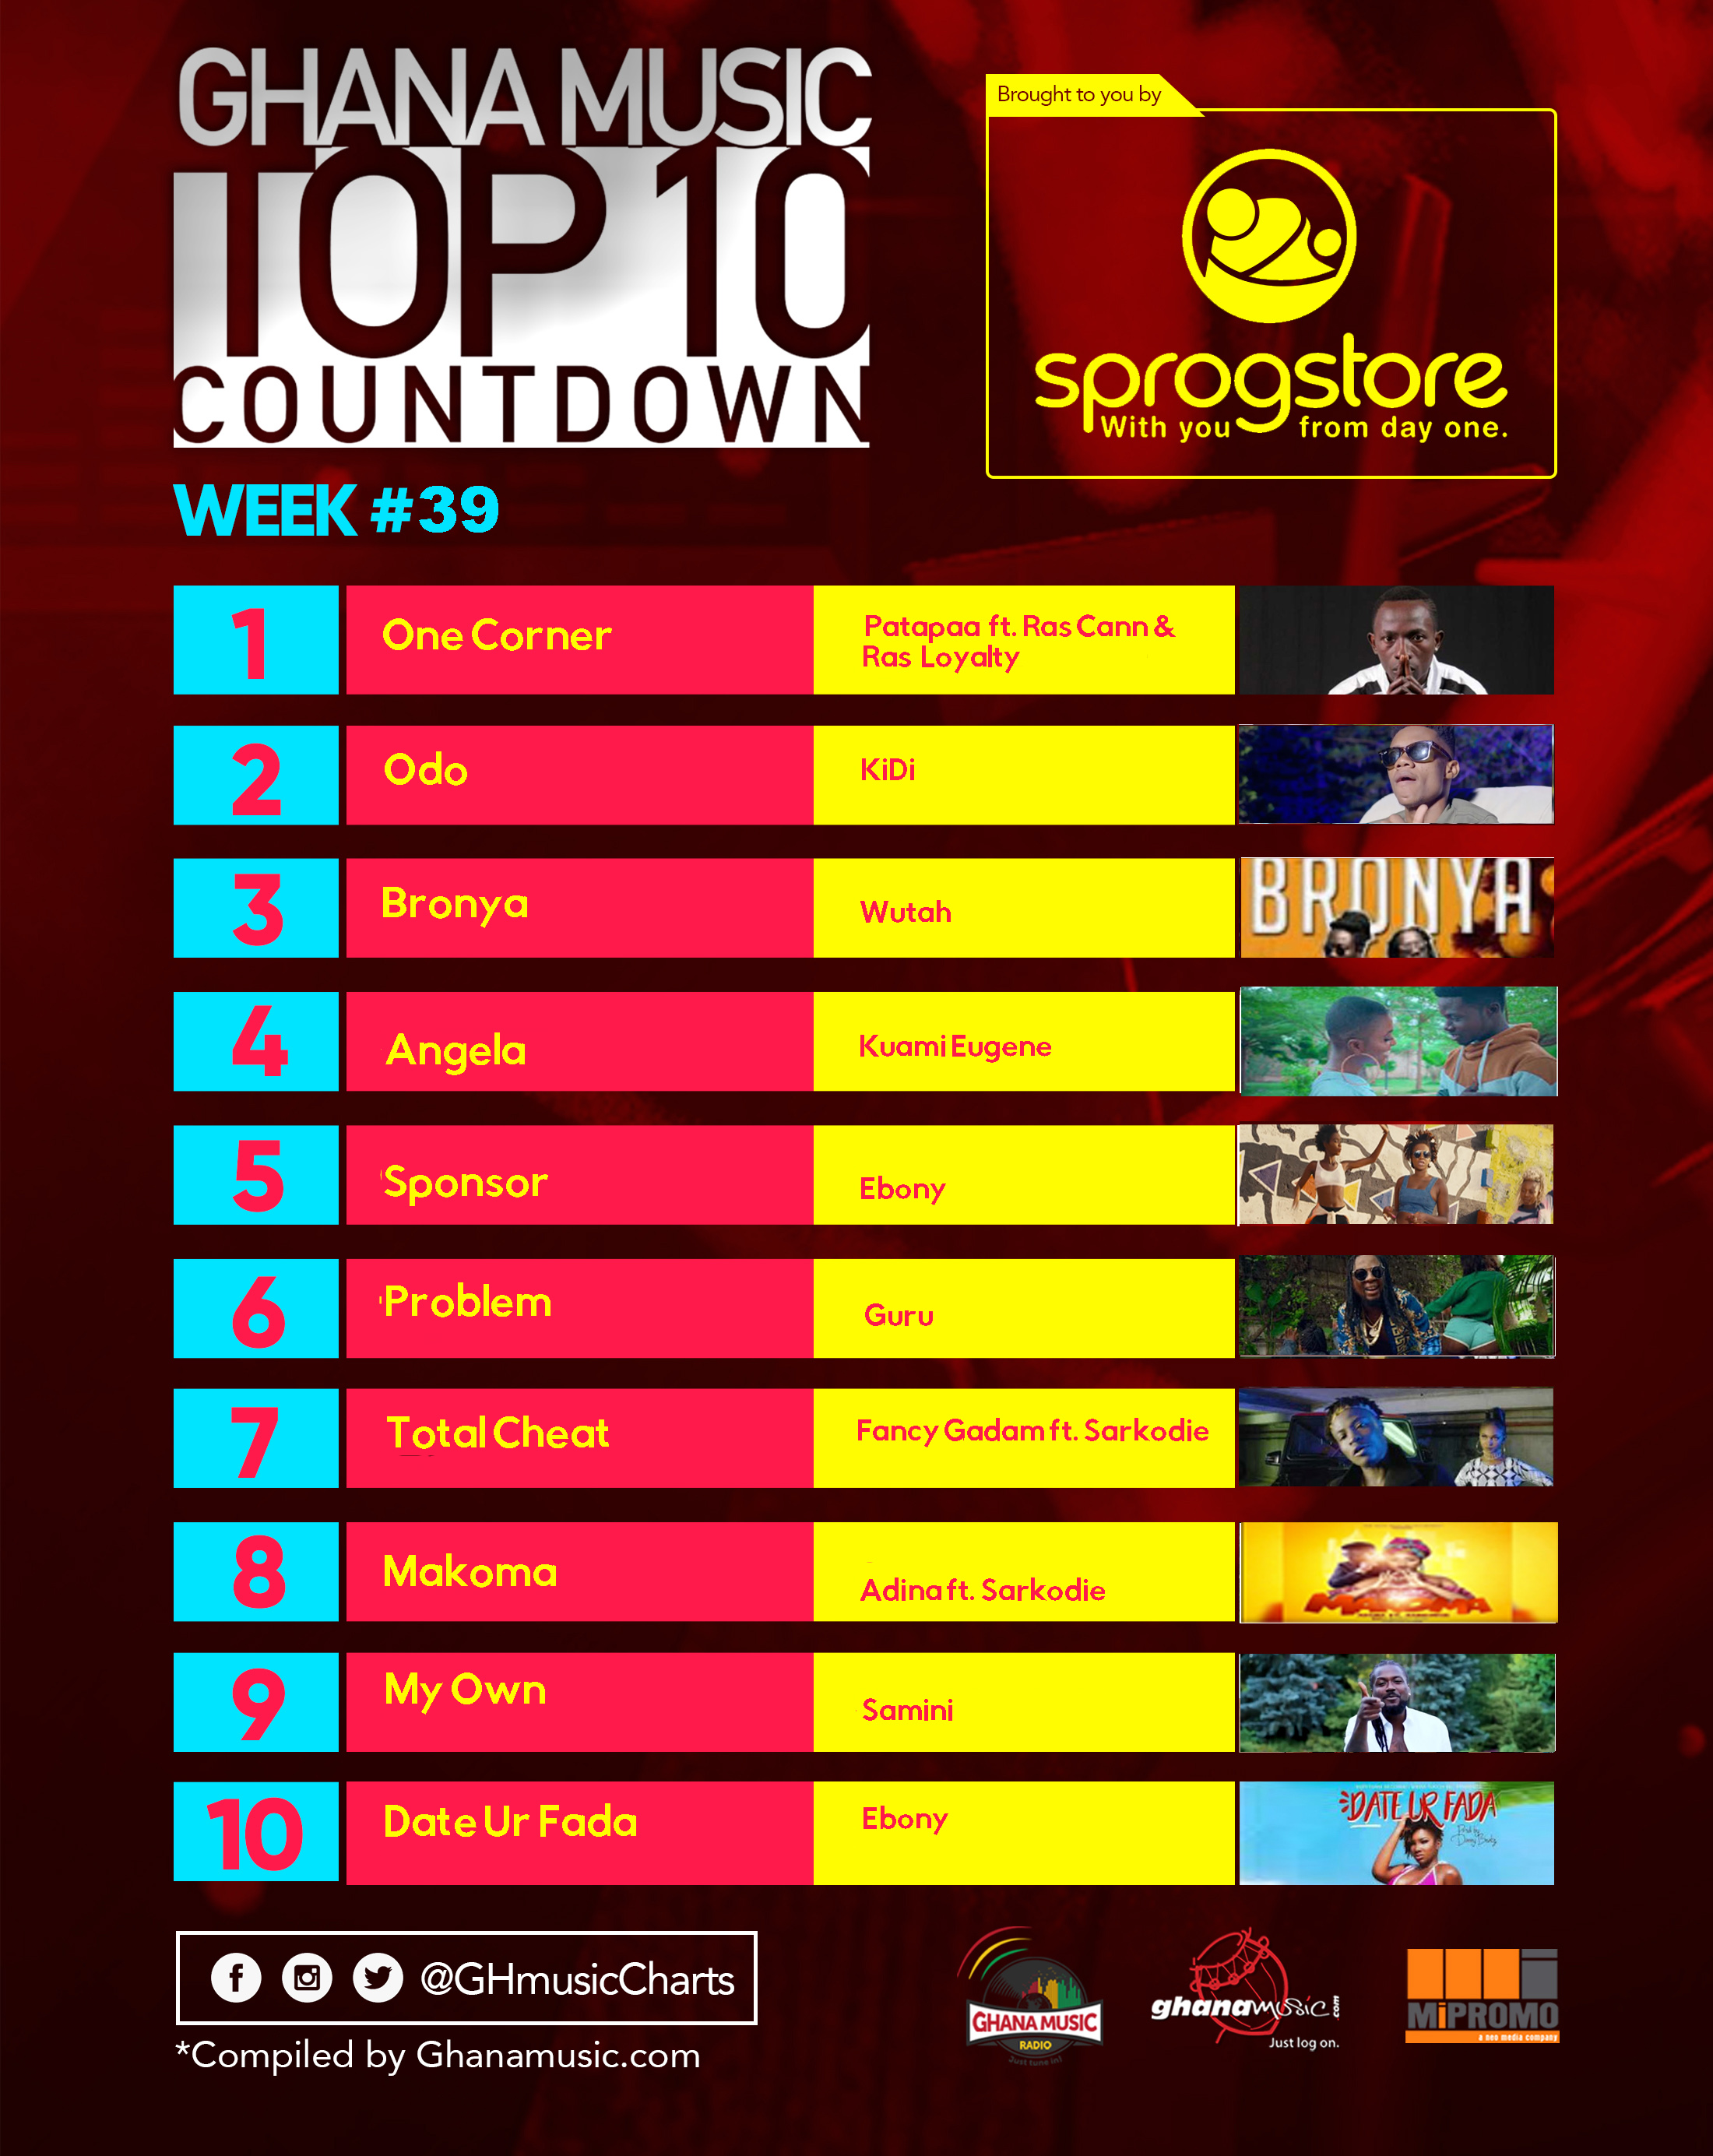 Week #39: Week ending Saturday, September 30th, 2017. Ghana Music Top 10 Countdown.